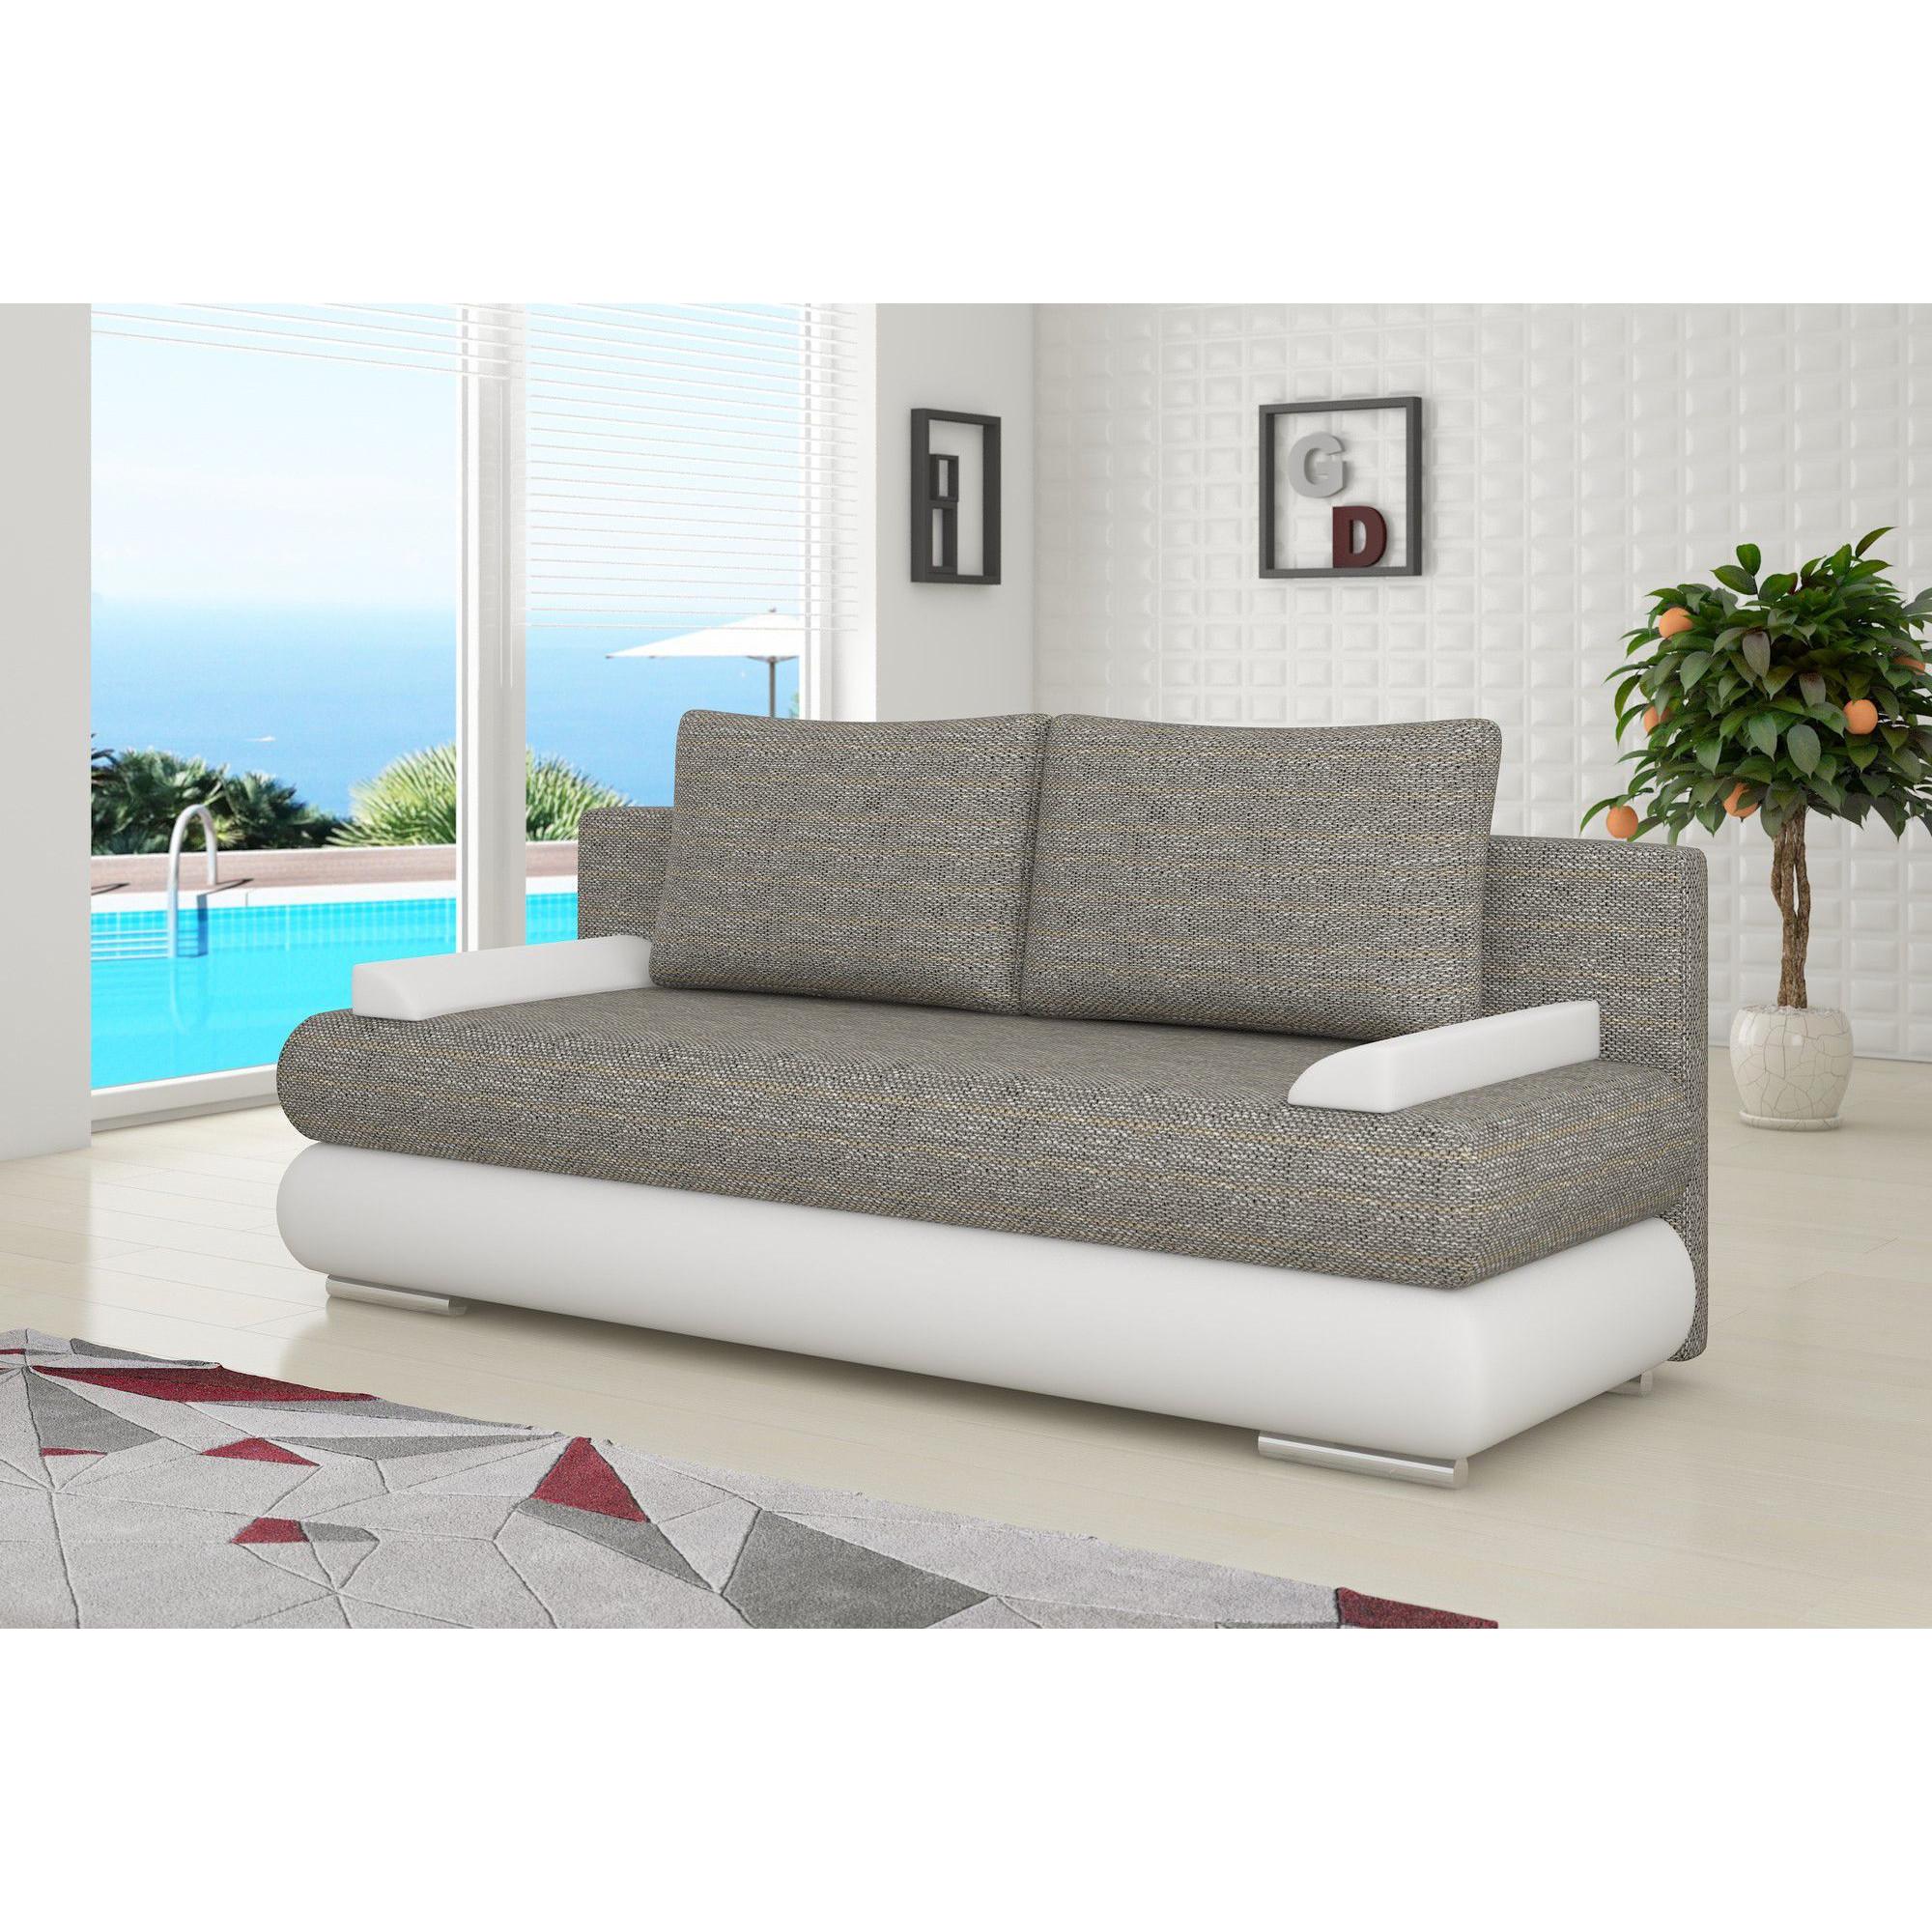 Canapé convertible à 2 places en tissu gris clair et pvc